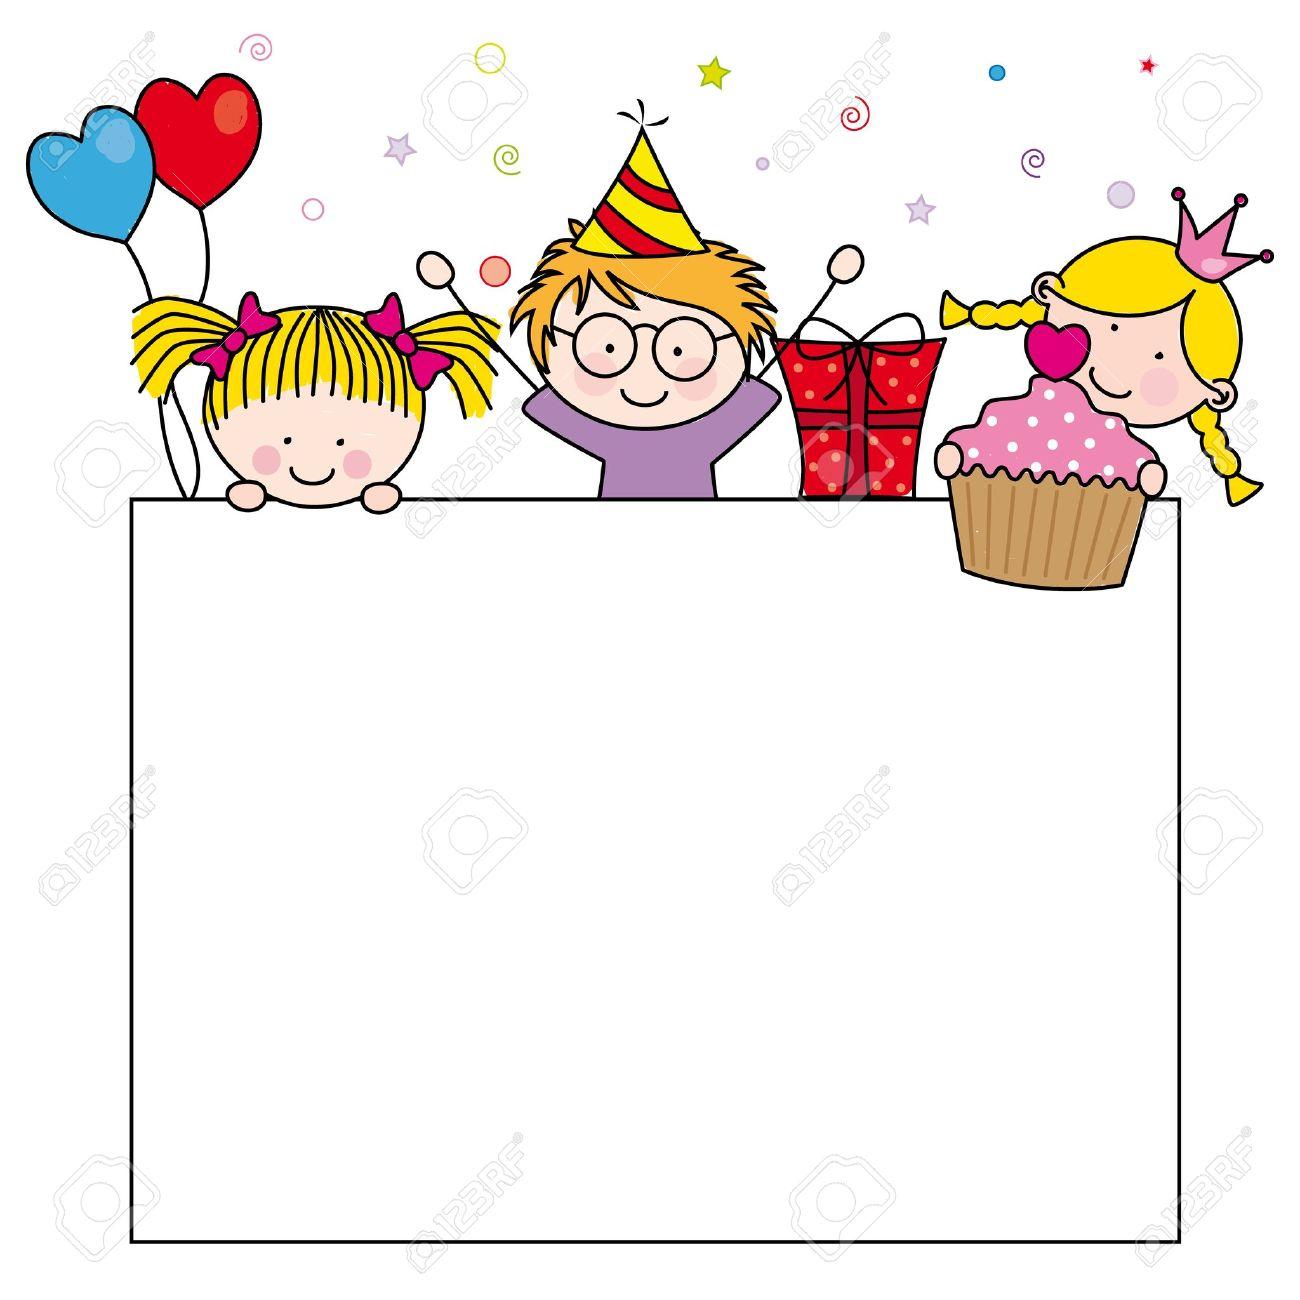 Los Niños De Dibujos Animados Lindo Marco. Celebrando La Fiesta De ...